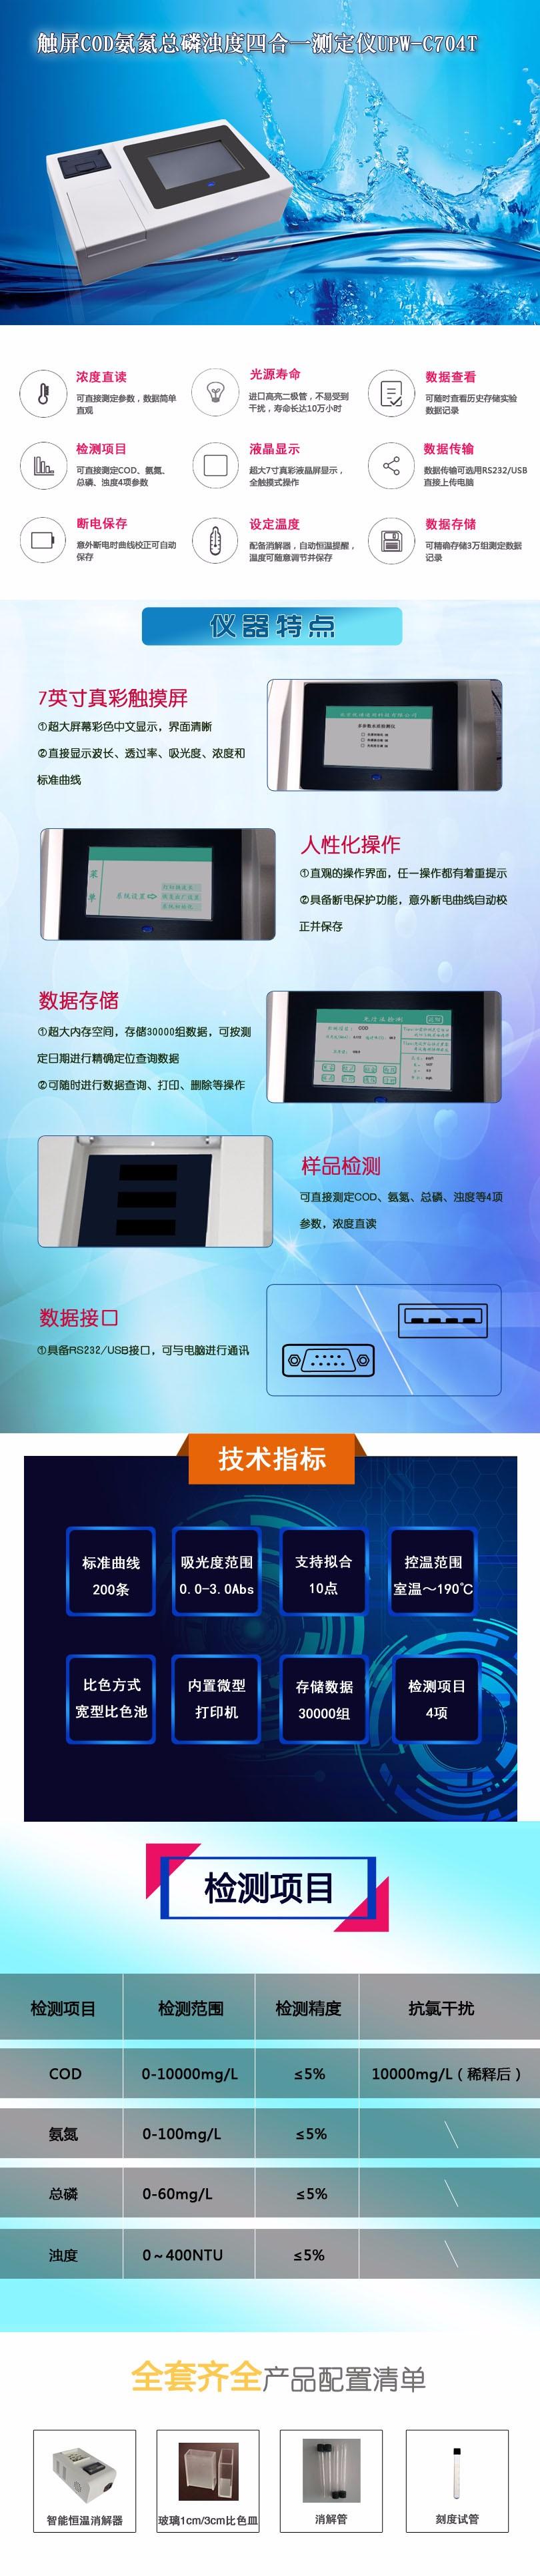 触屏COD氨氮总磷浊度四合一测定仪UPW-C704T.jpg